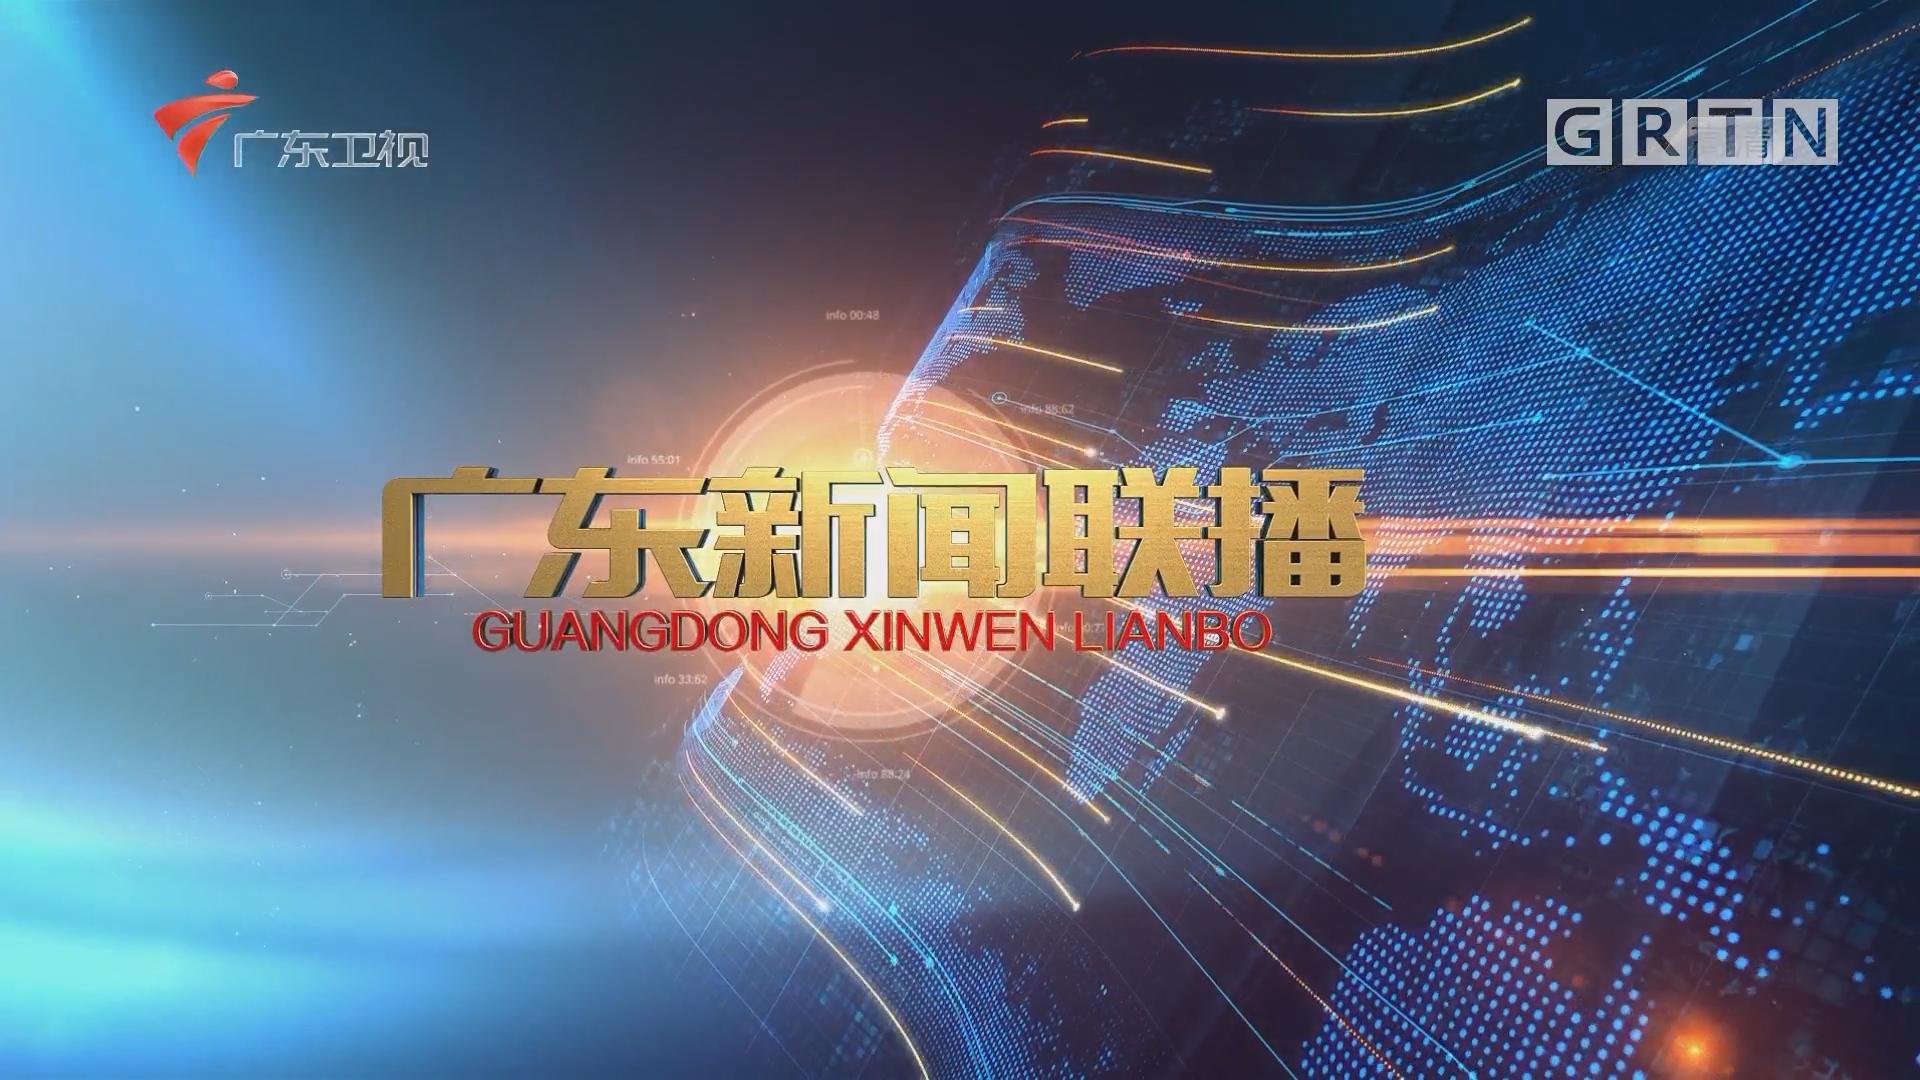 [HD][2019-01-08]广东新闻联播:习近平总书记对深圳工作重要批示引起强烈反响 建设中国特色社会主义先行示范区